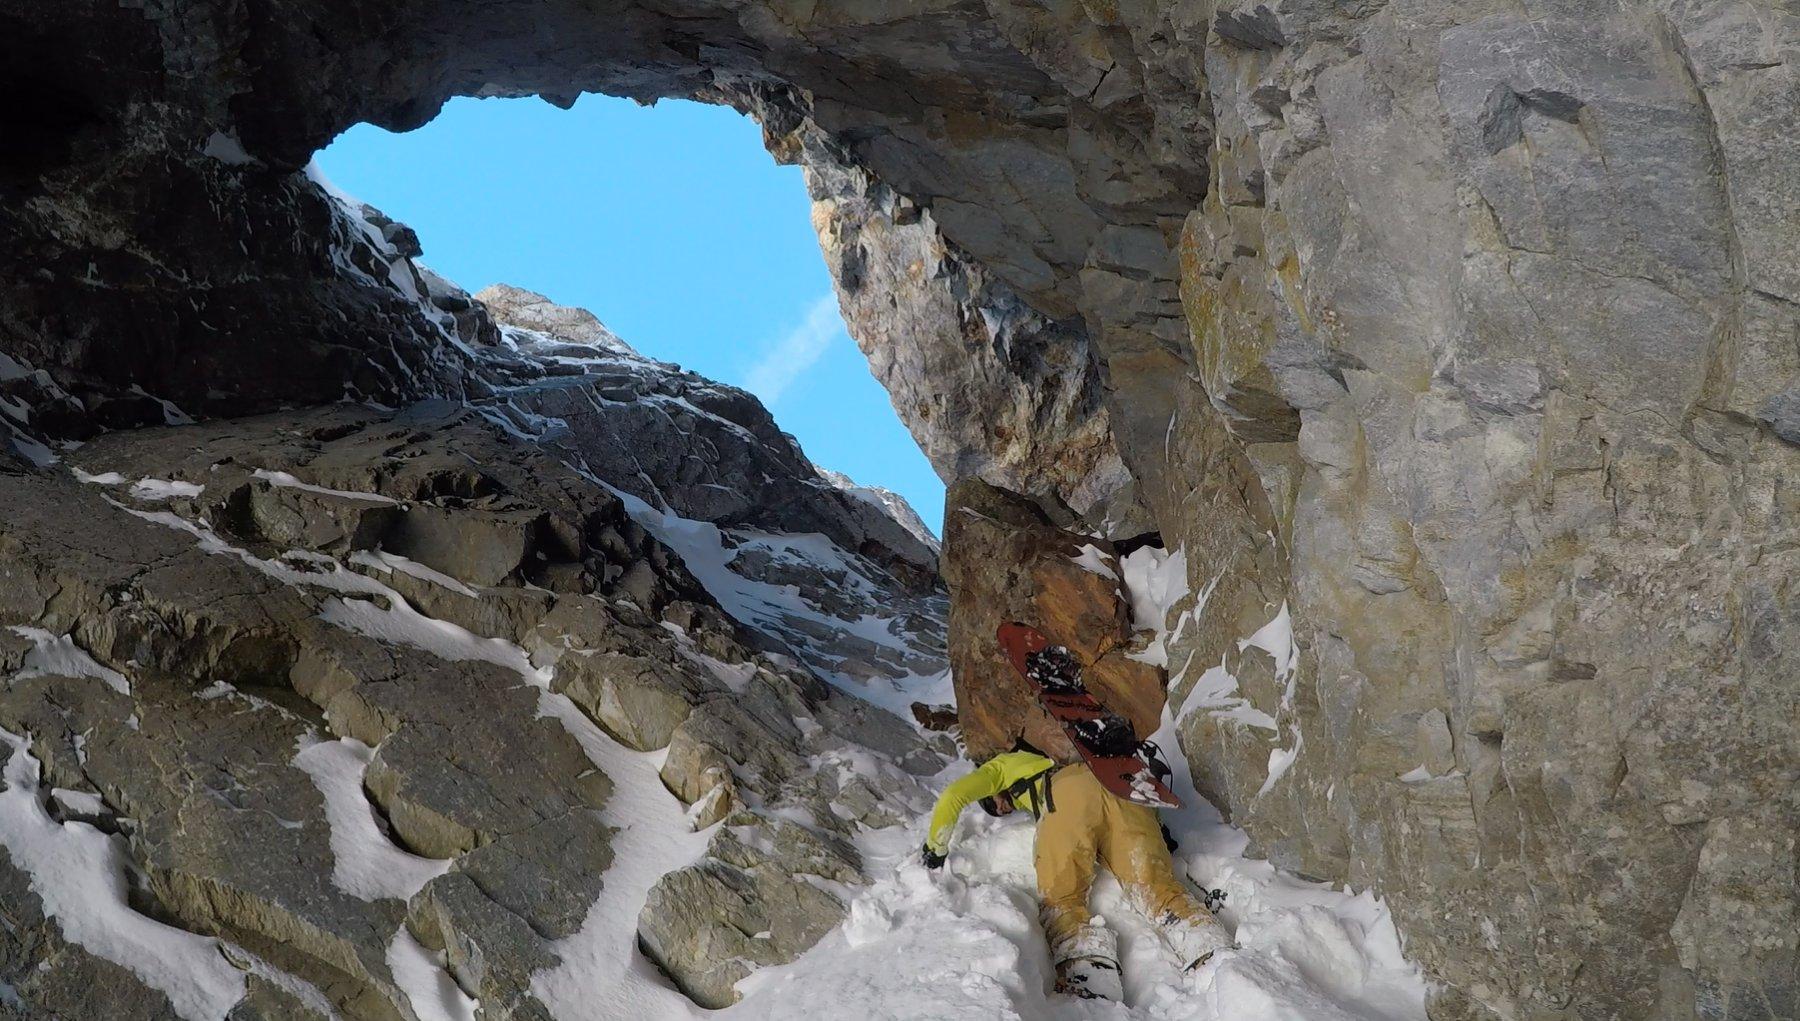 Il piccolo risalto per entrare nella caverna